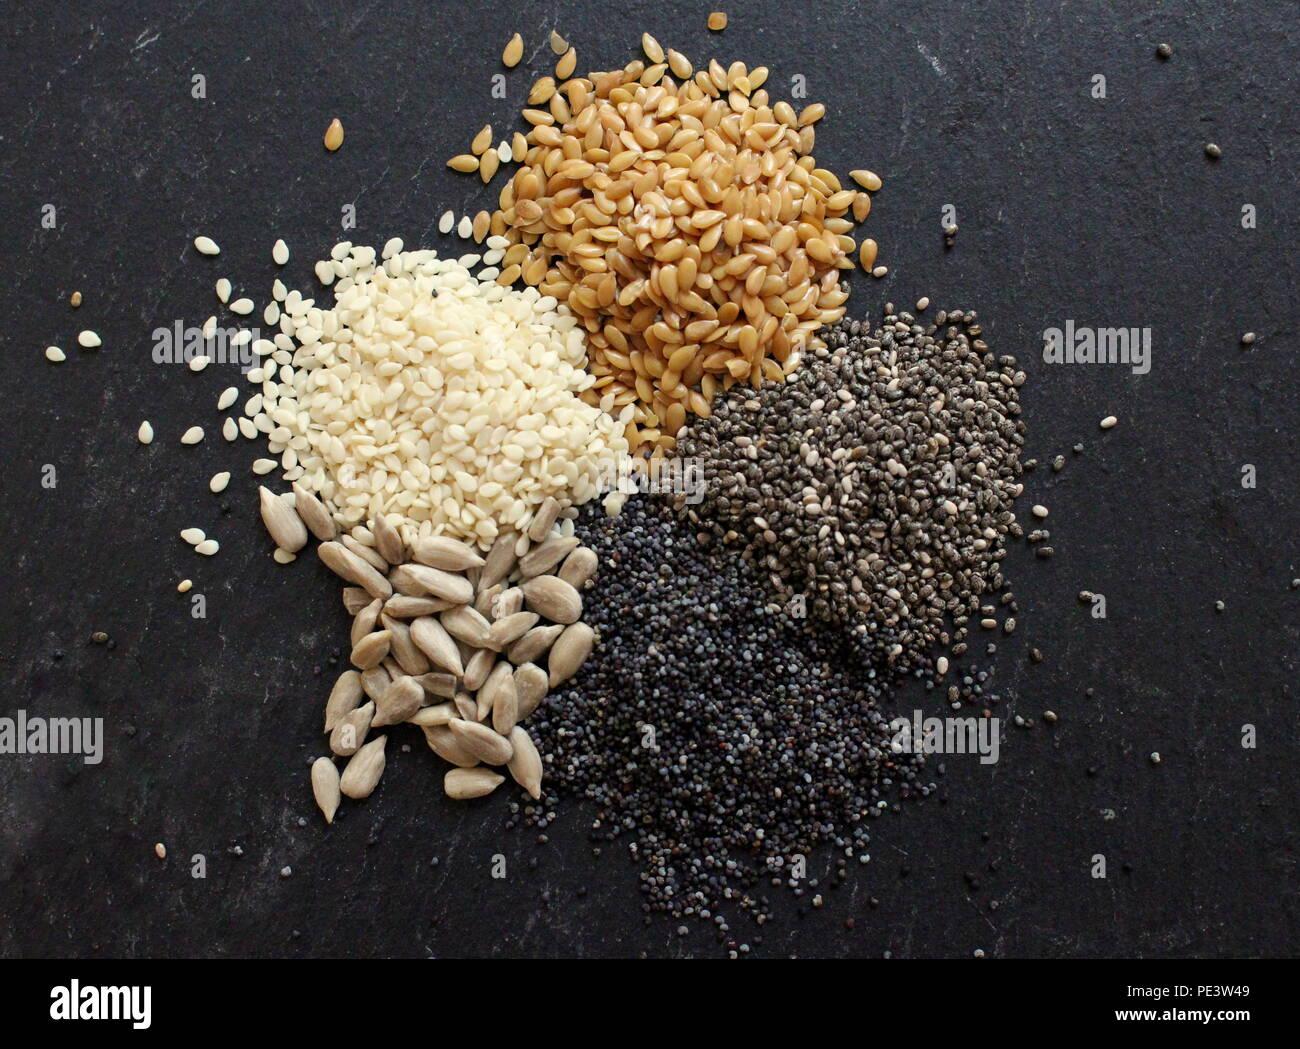 Nahaufnahme von oben nach unten Foto von einer Vielzahl von Samen, einschließlich blauer Mohn, Sesam, Sonnenblumenkerne und Chia Samen Stockbild